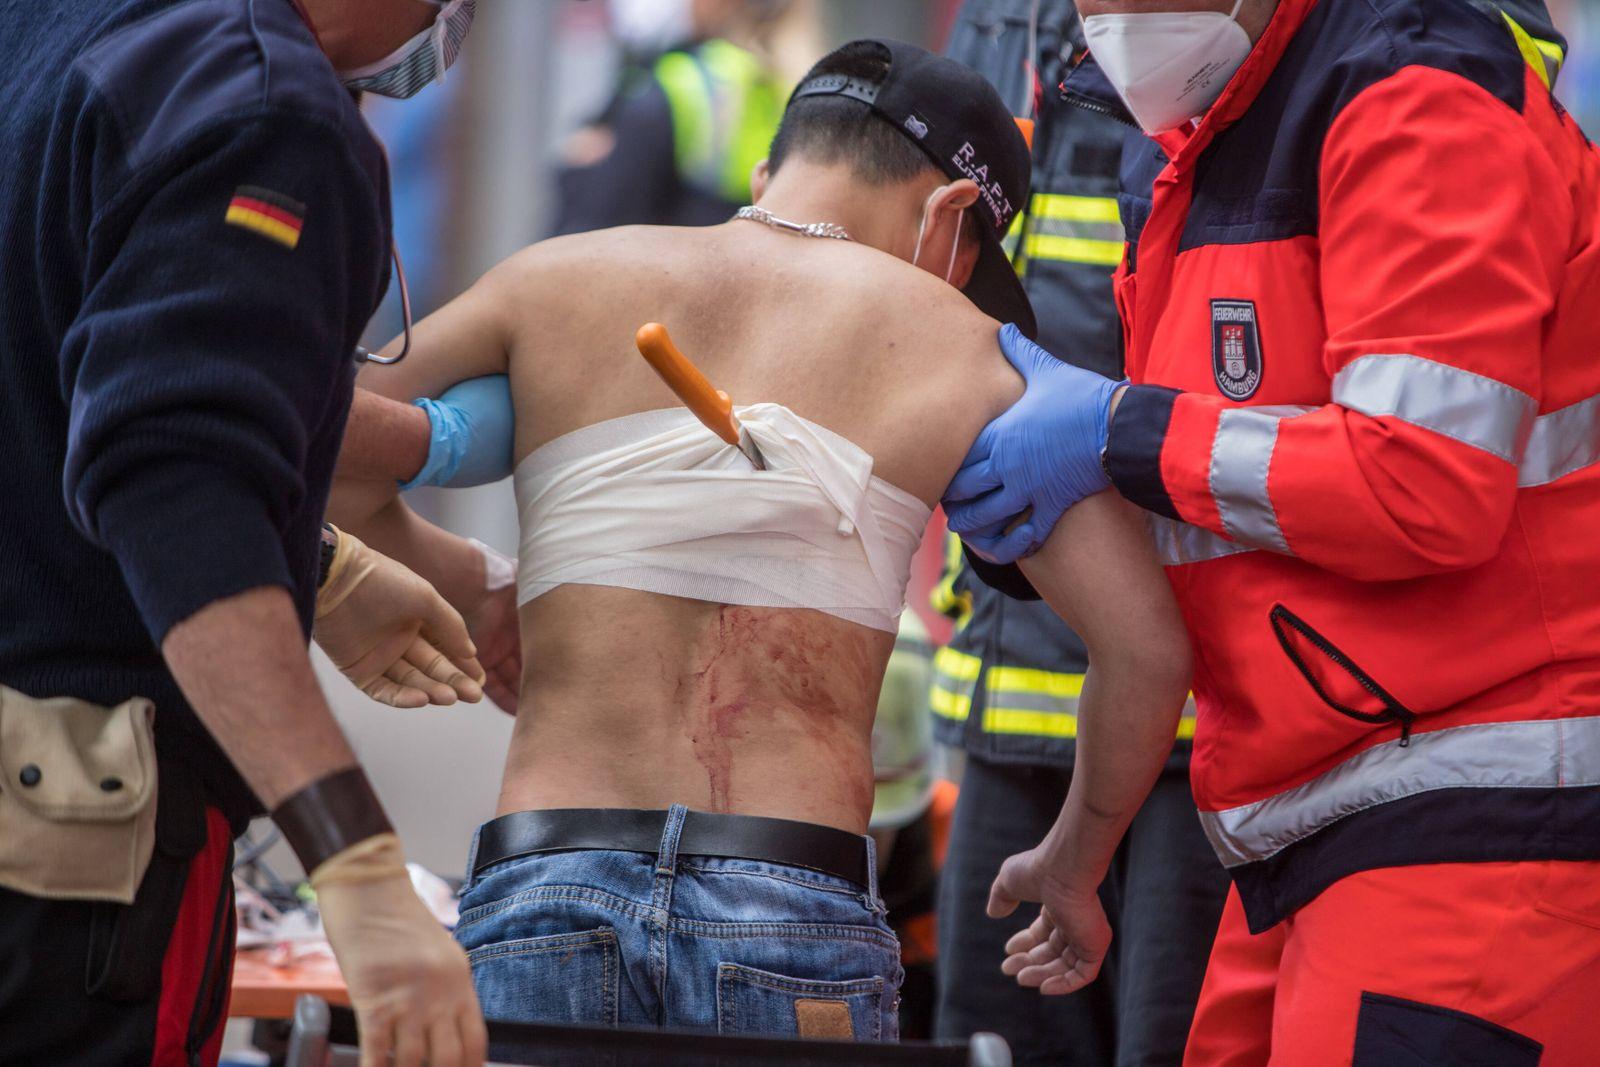 Messerangriff auf offener Straße - Mann bekommt Brotmesser in den Rücken gerammt! - Not-Op! 15.05.20 - Hamburg: Messera